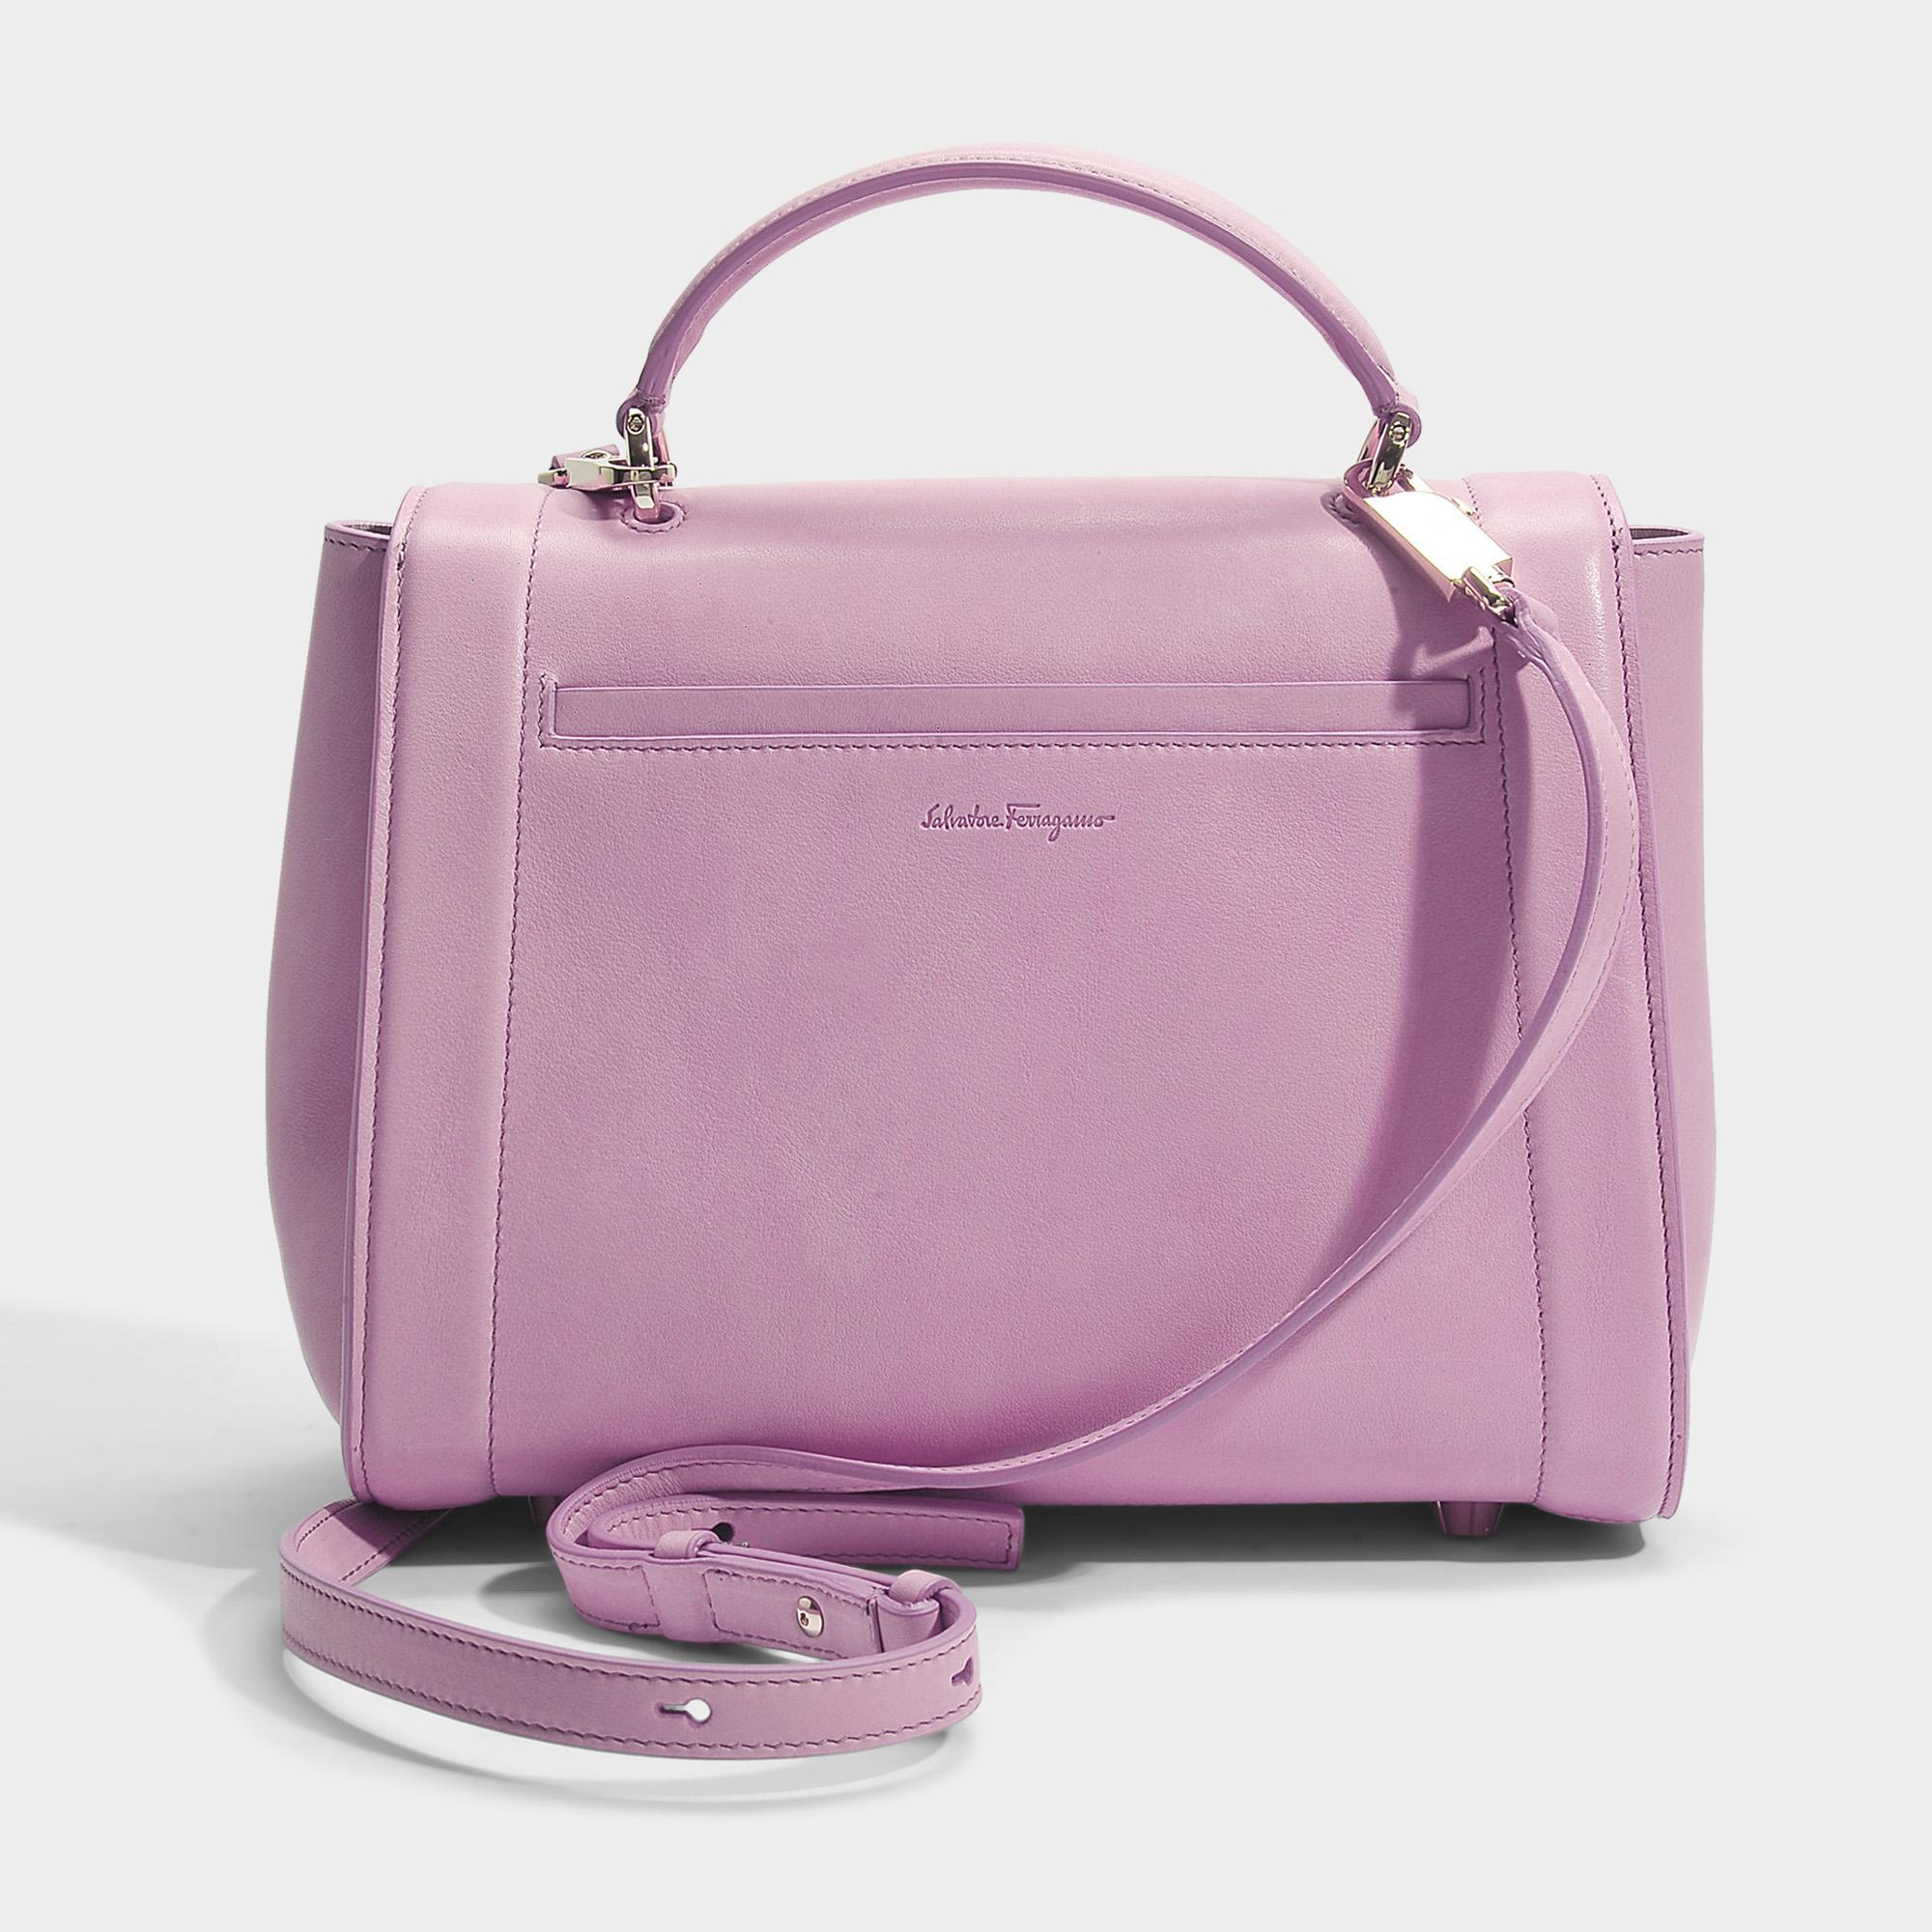 69a0b8a332 Lyst - Ferragamo Sofia Rainbow Small Bag in Pink